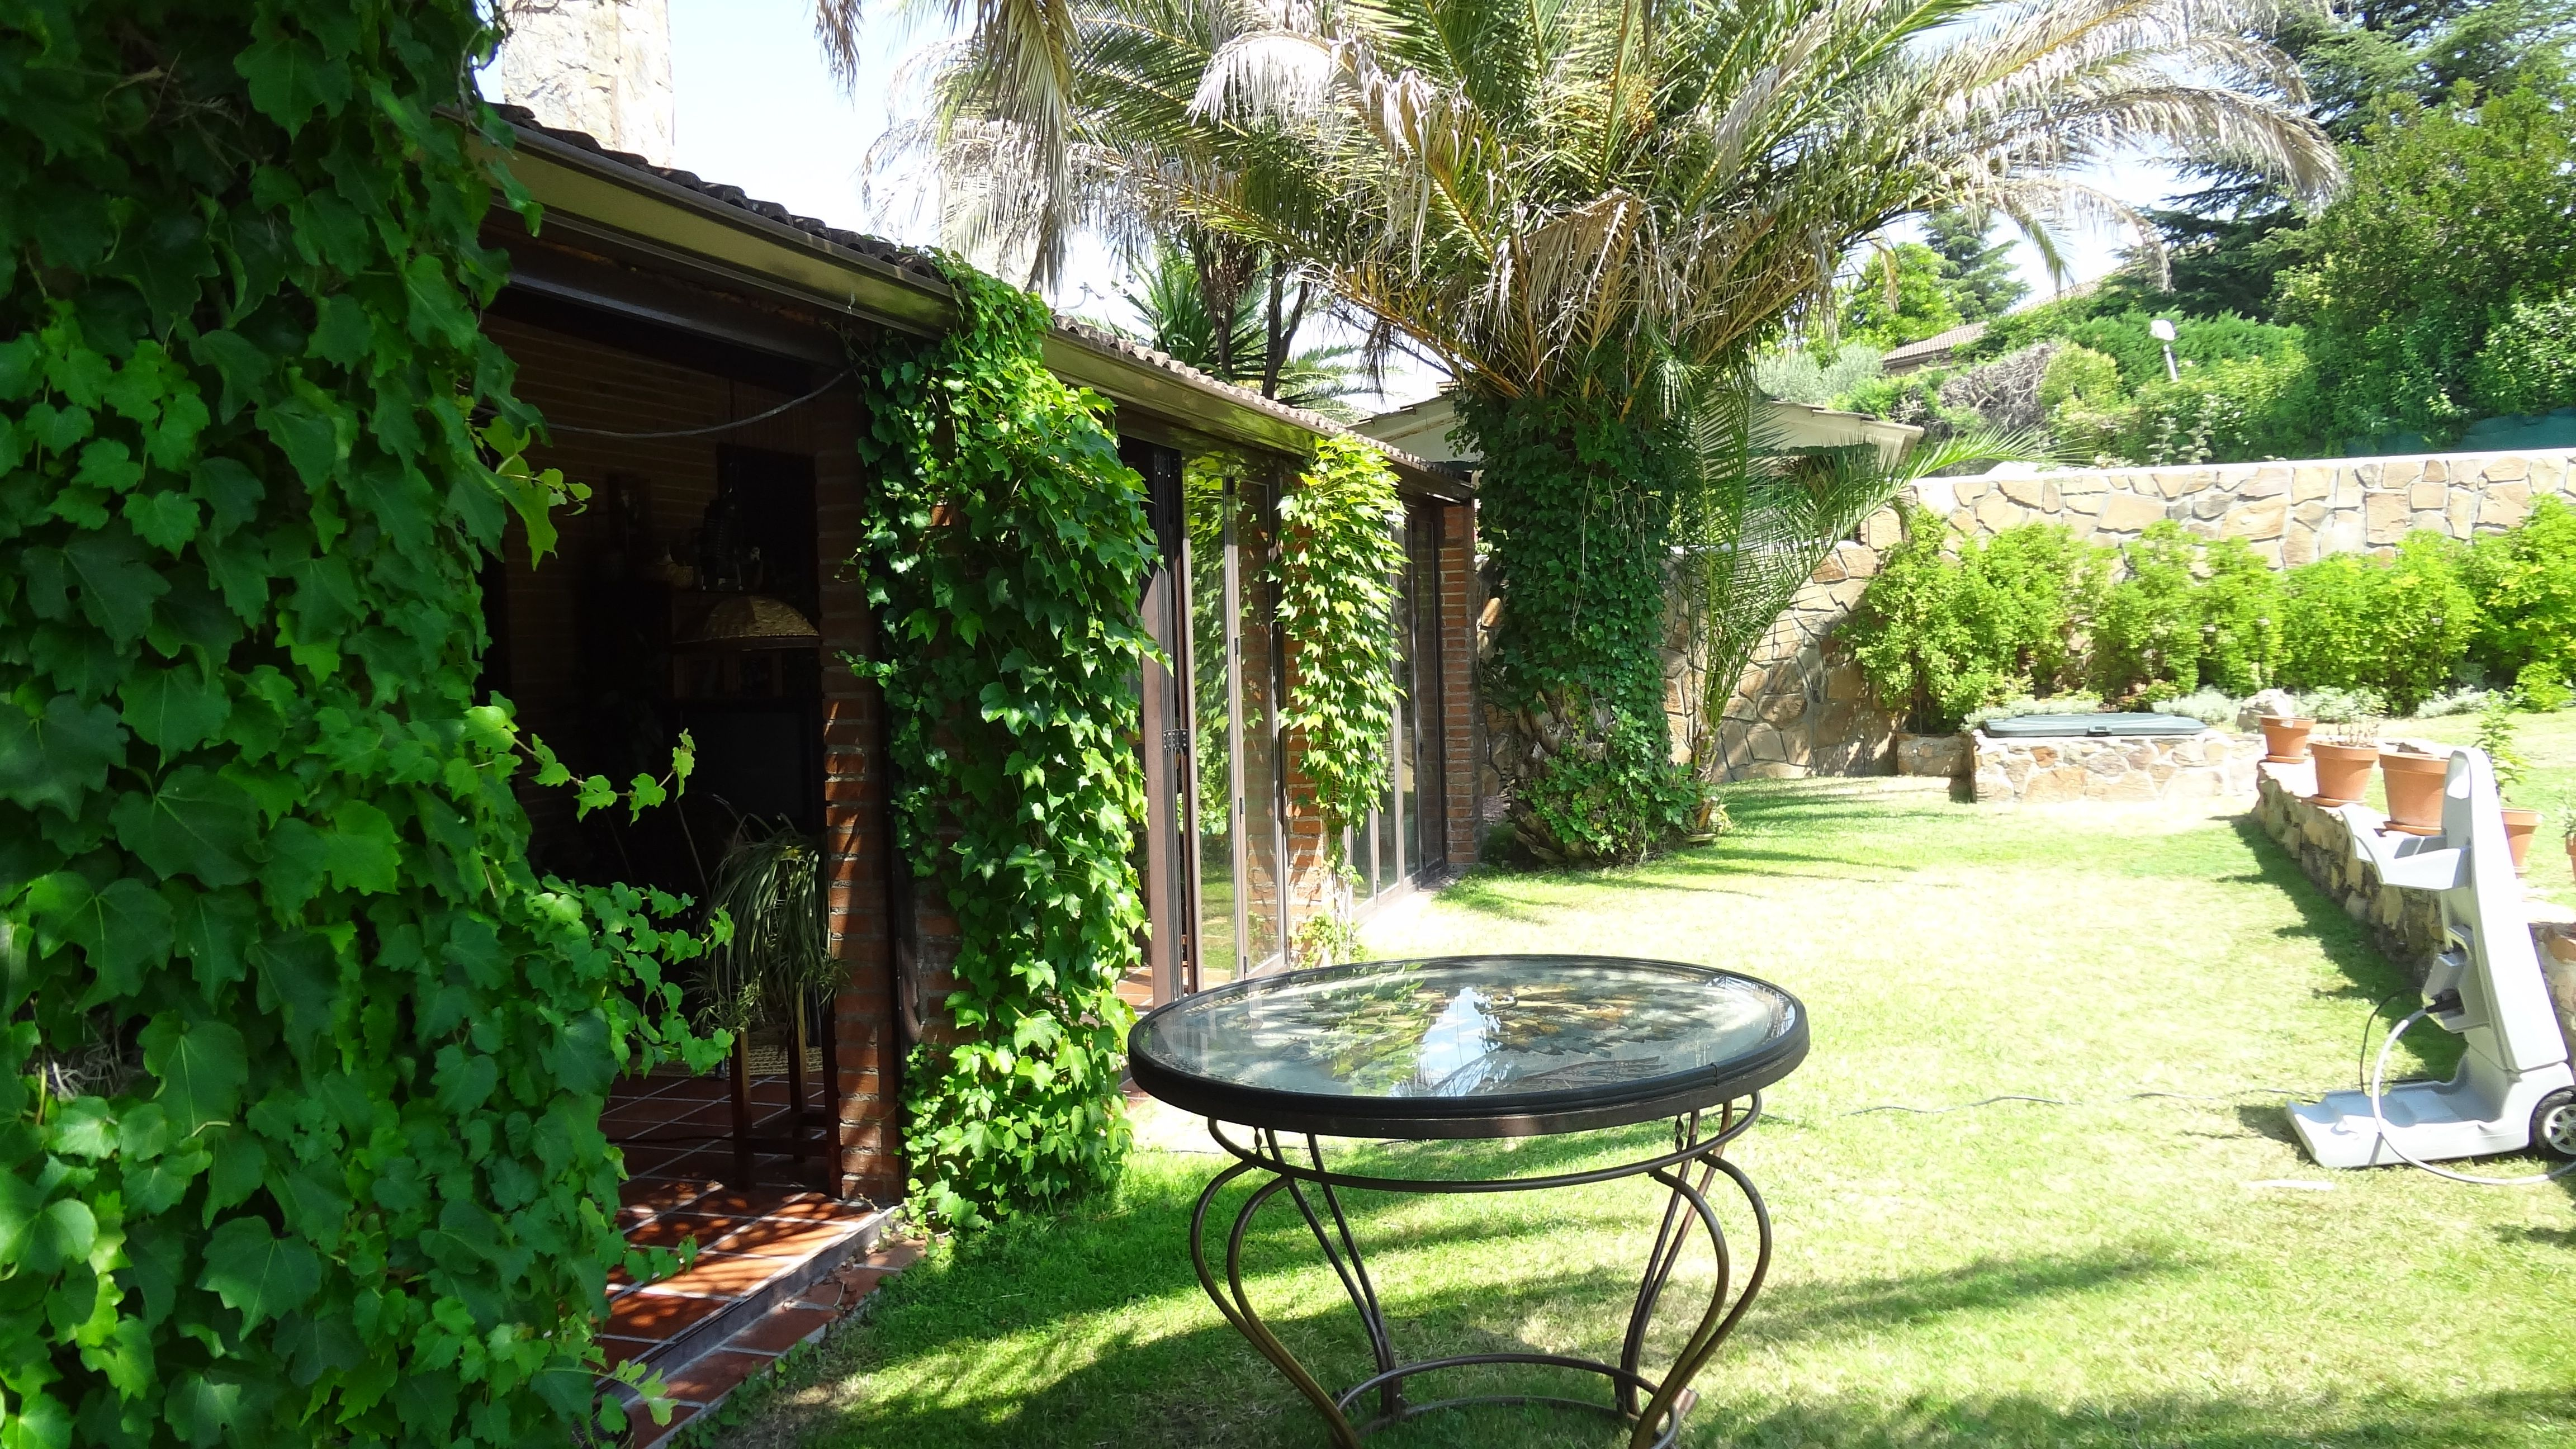 Ideas de paisajismo de jardin estilo mediterraneo for Ideas paisajismo jardines